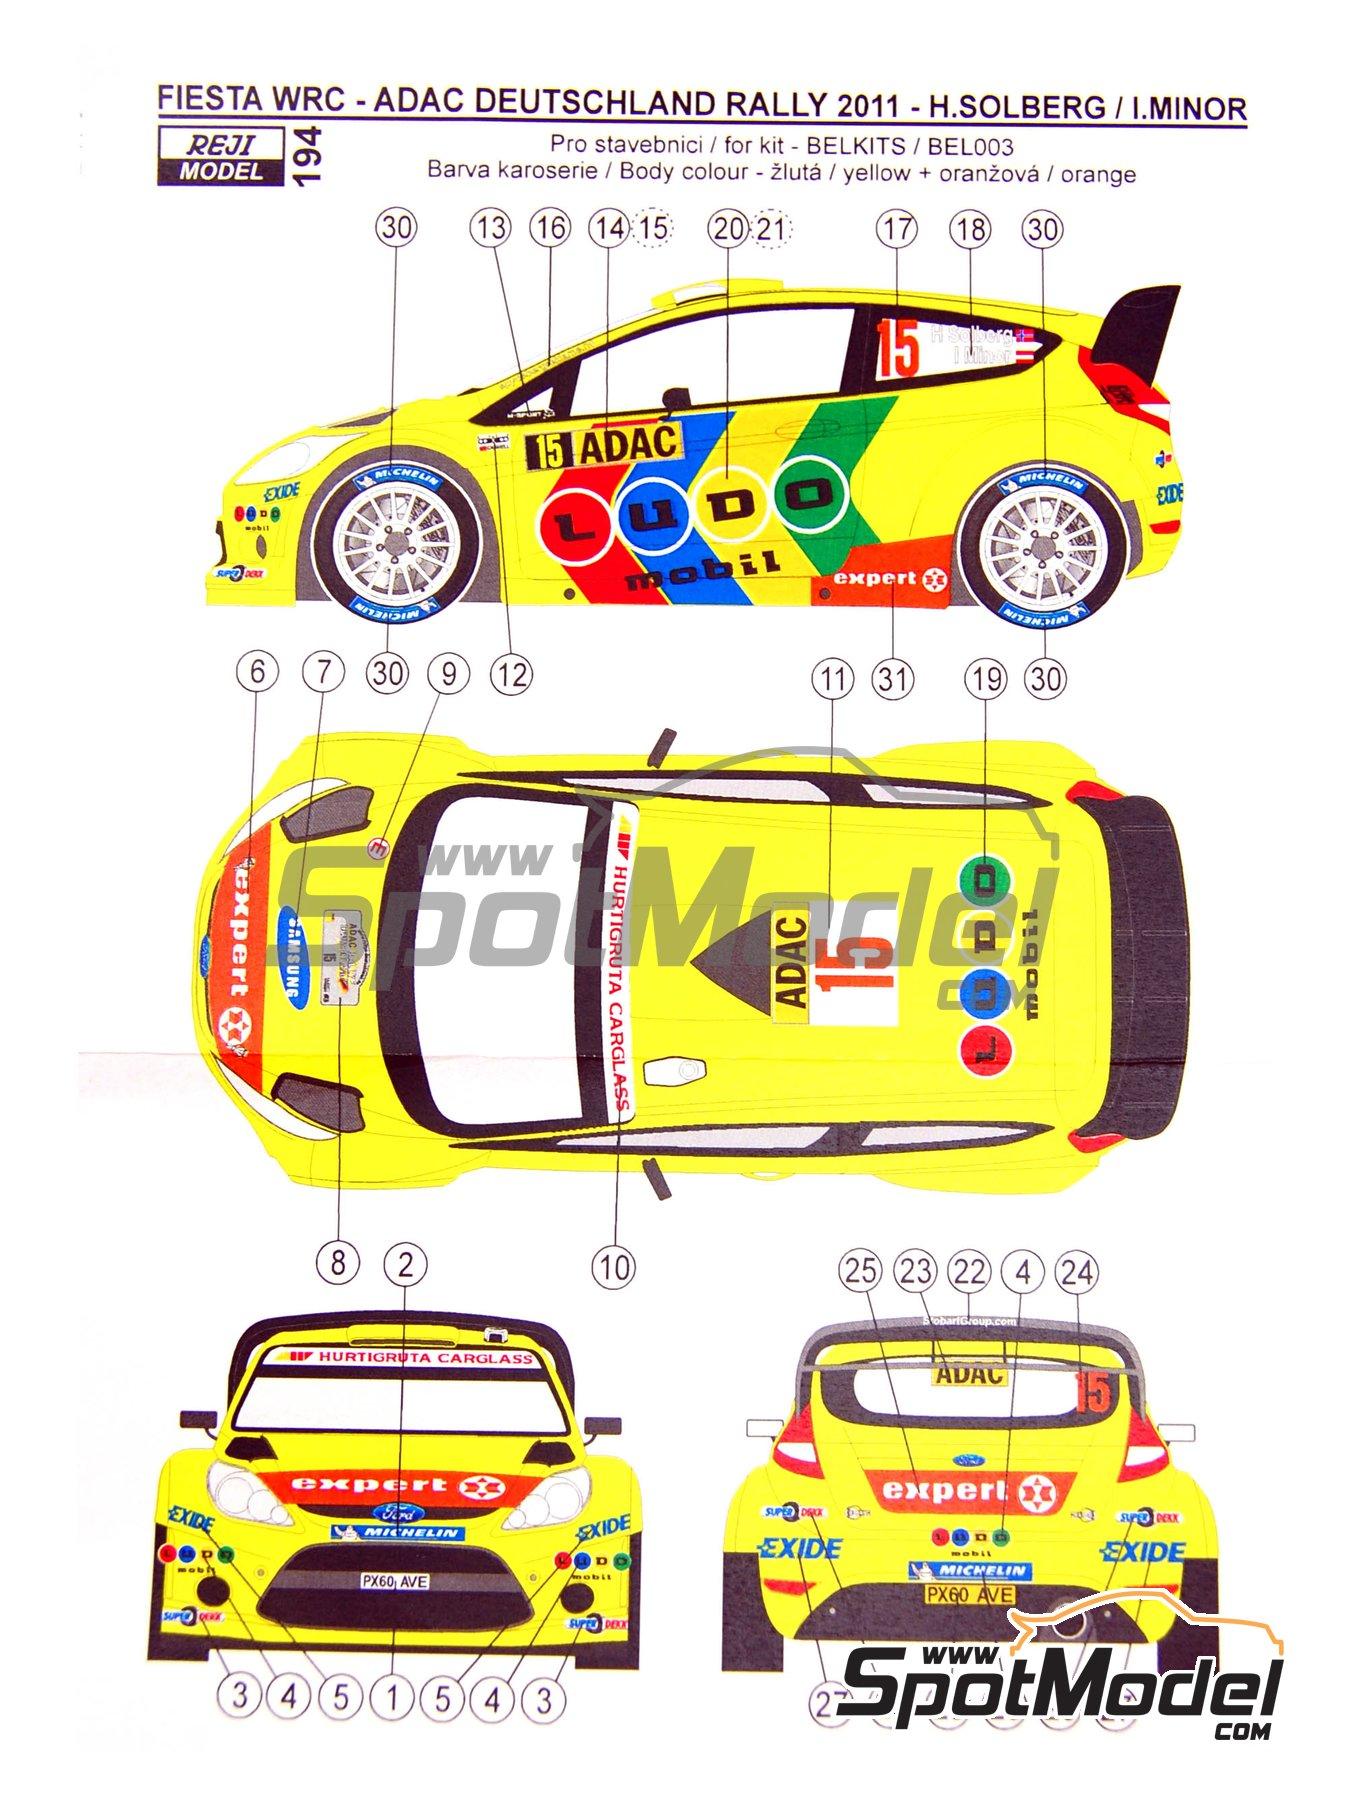 Ford Fiesta WRC LUDO Mobil - Rally de Alemania ADAC 2011   Decoración en escala1/24 fabricado por Reji Model (ref.REJI-194) image